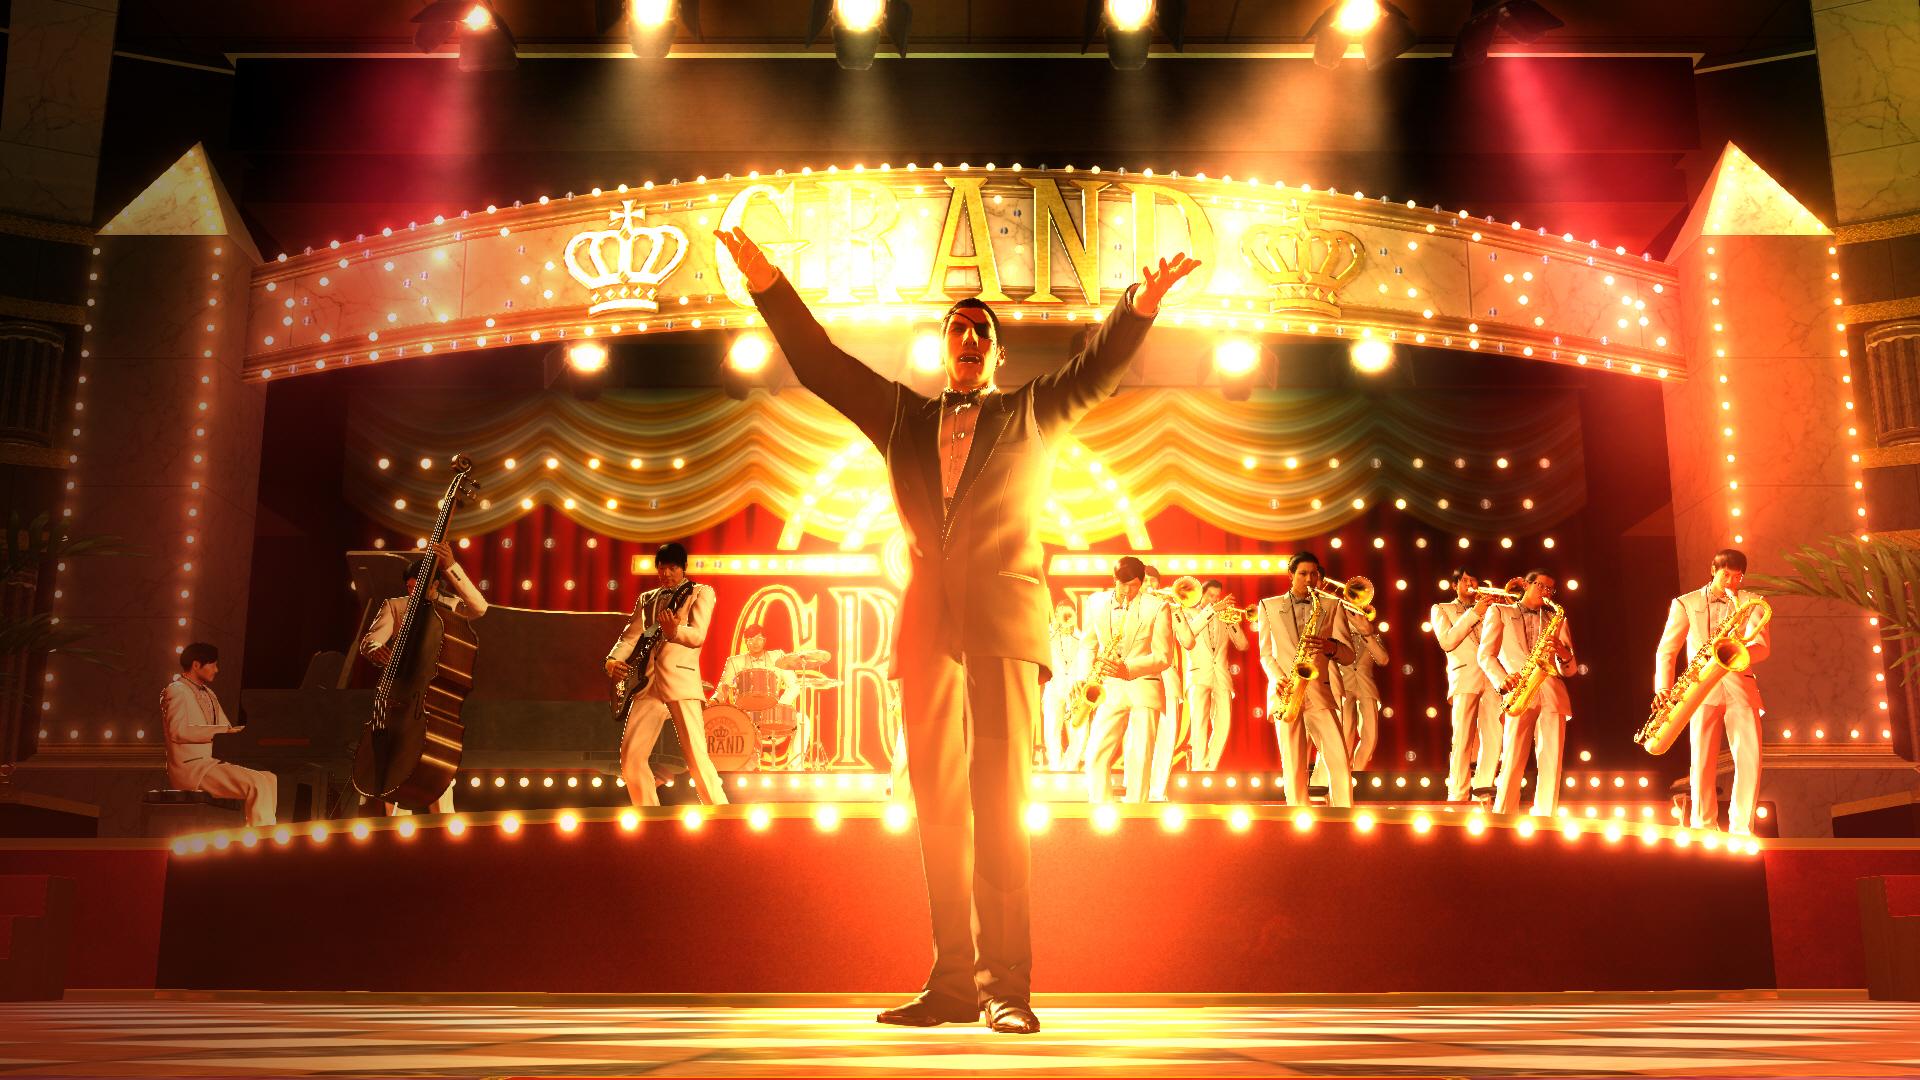 Yakuza 0 - Welcome to The Grand